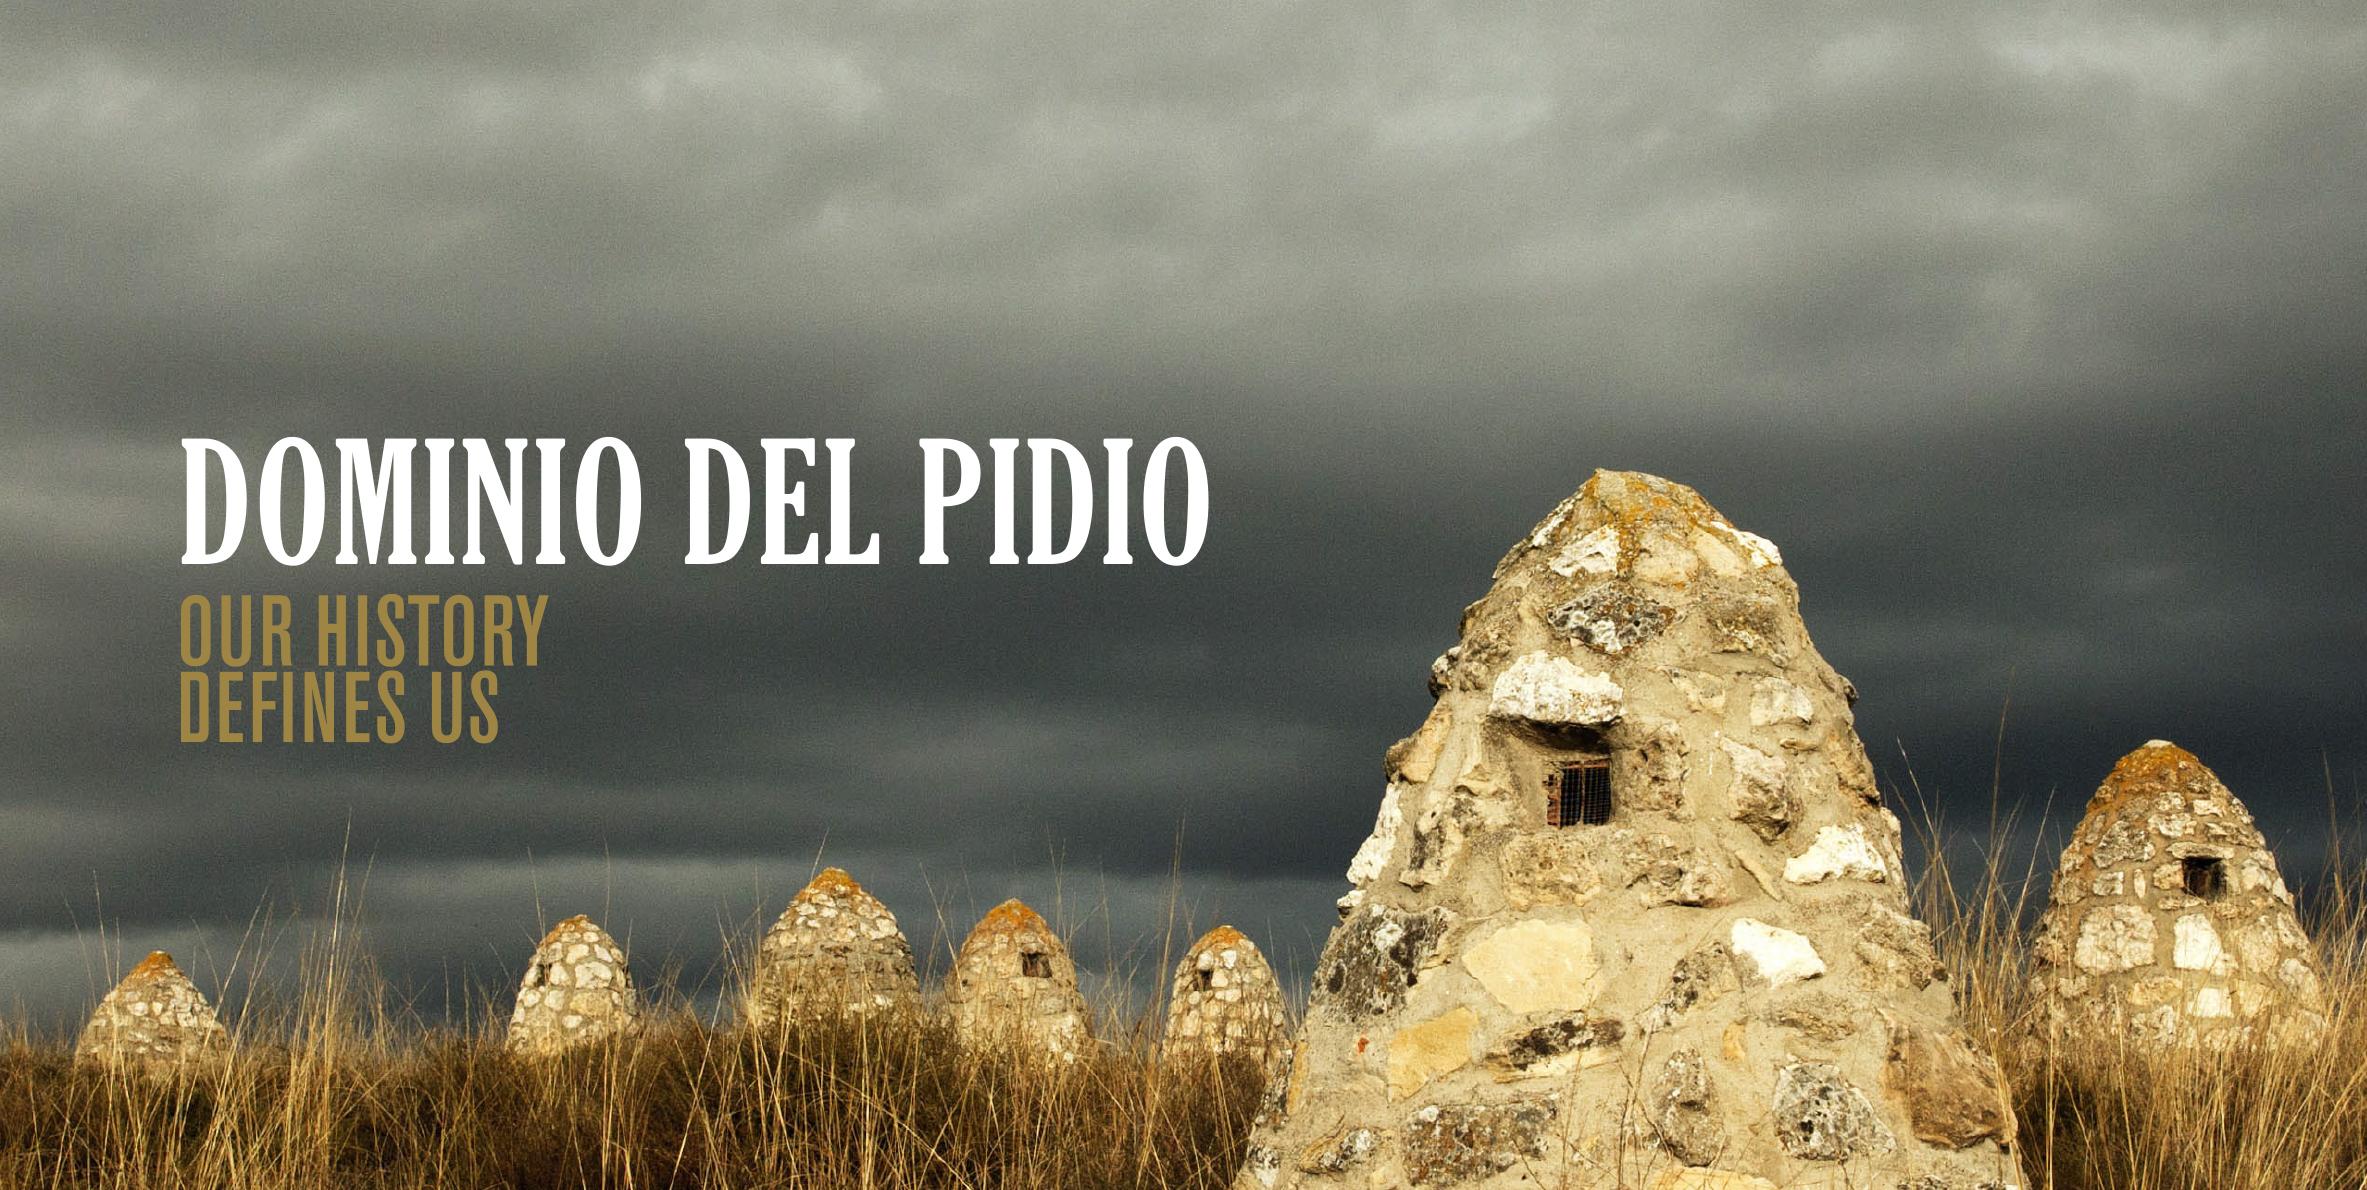 Nos sumergimos en la historia de la Ribera del Duero para Dominio del Pidio